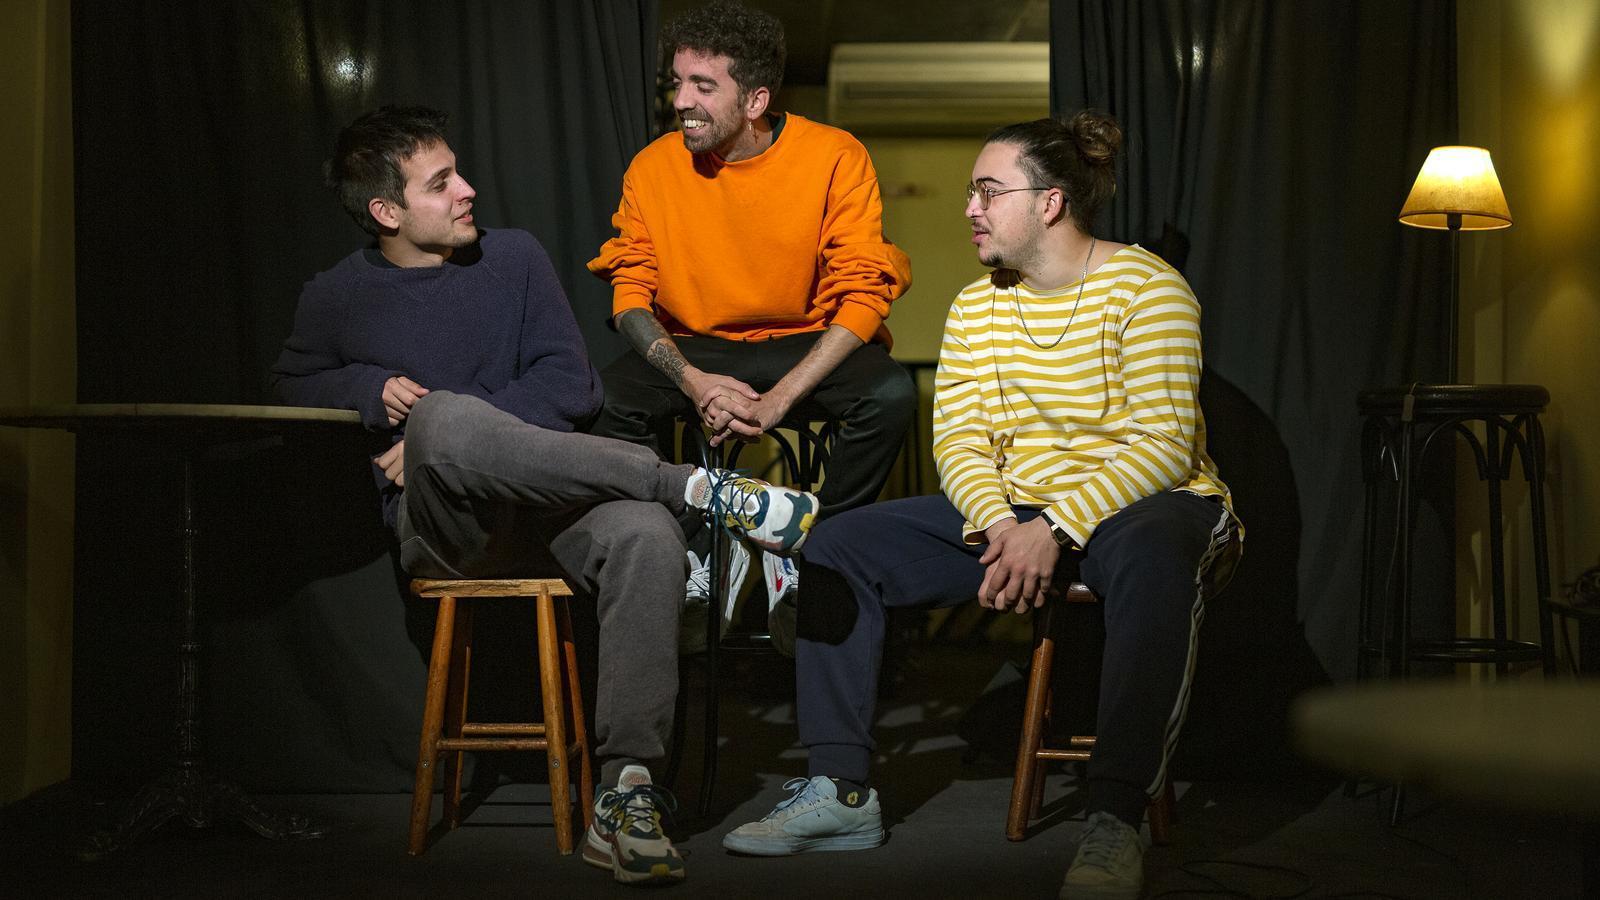 Klaus Stroink, Rai Benet i Guillem Boltó, els tres Stay Homas, en un local del carrer Balmes de Barcelona.